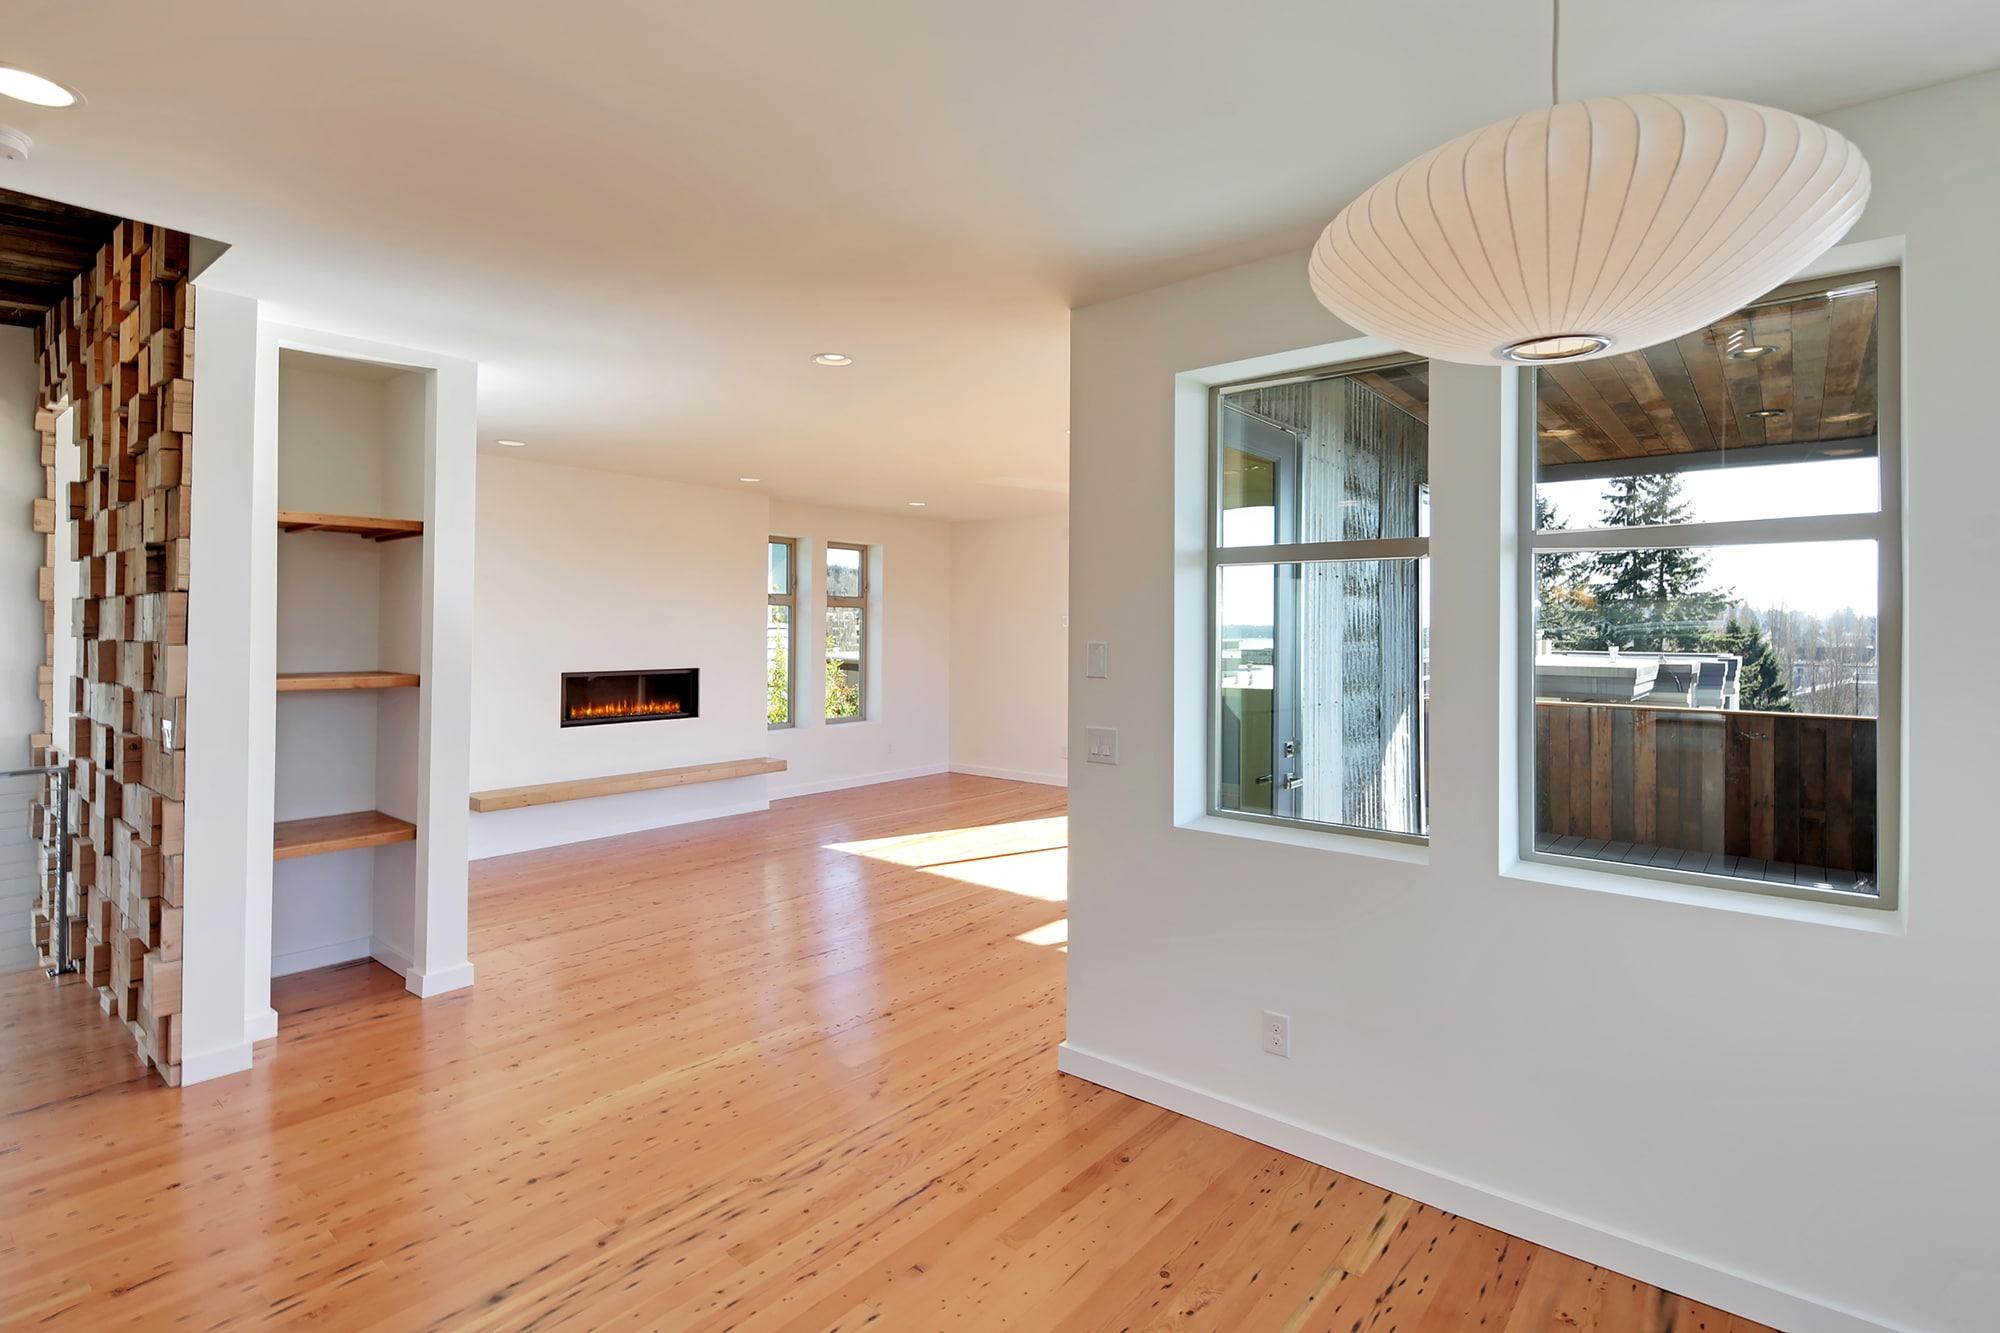 Dise o casa ecol gica autosuficiente planos for Pisos elegantes para casas